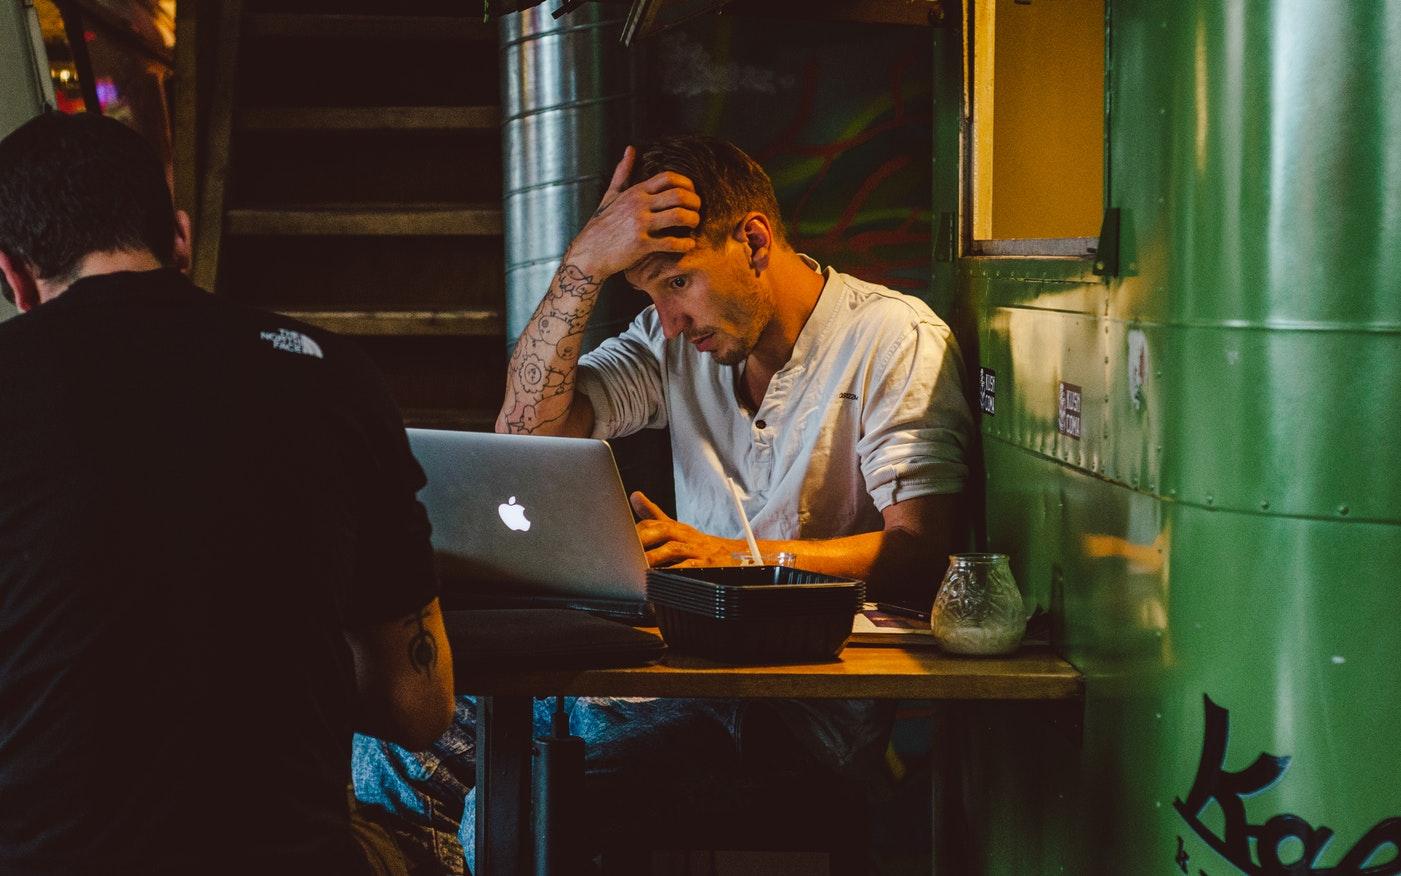 Sindromul burnout, suprasolicitarea profesionala